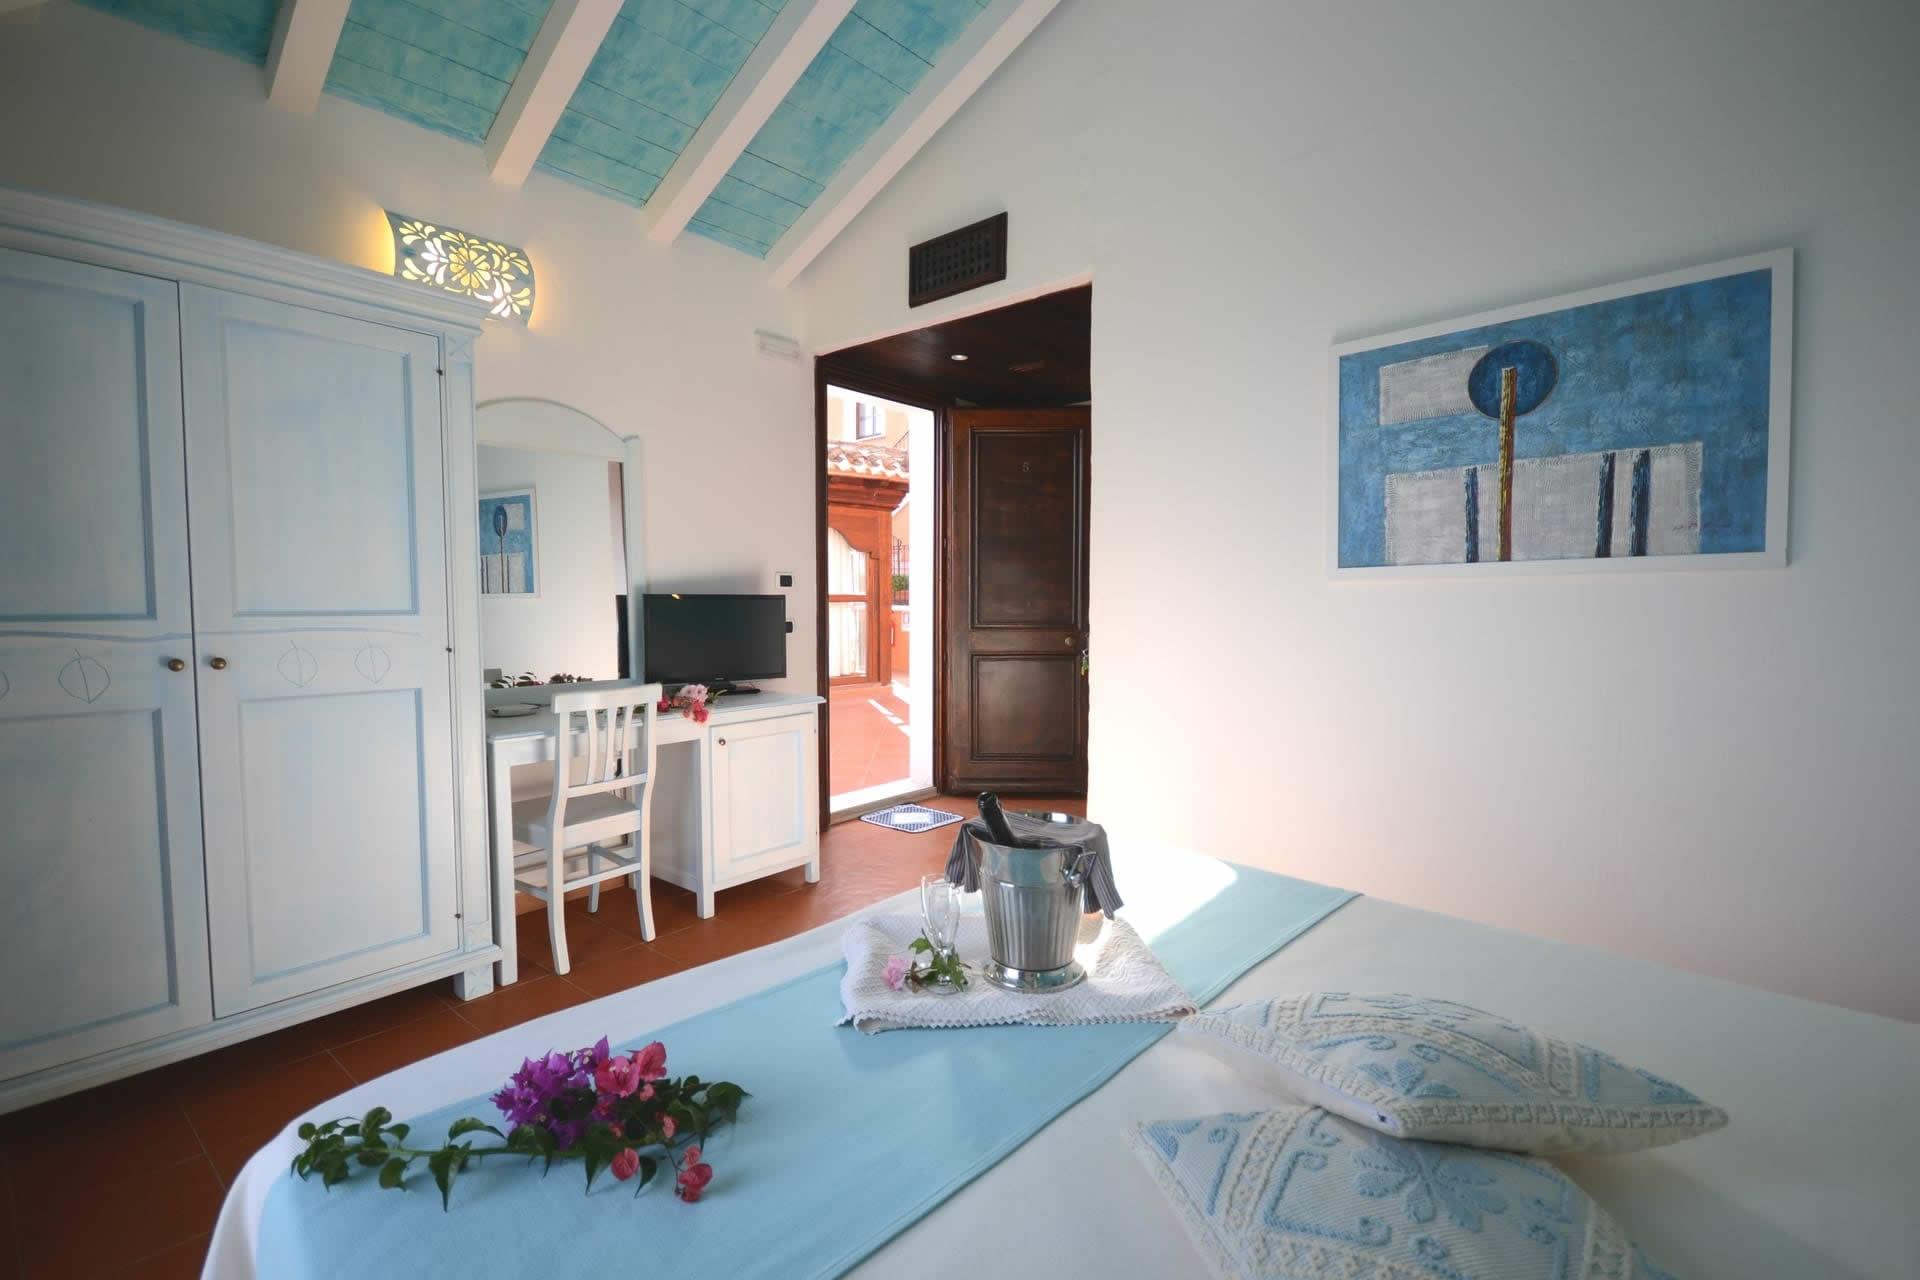 Galanias Hotel & Retreat Bari Sardo Sardegna